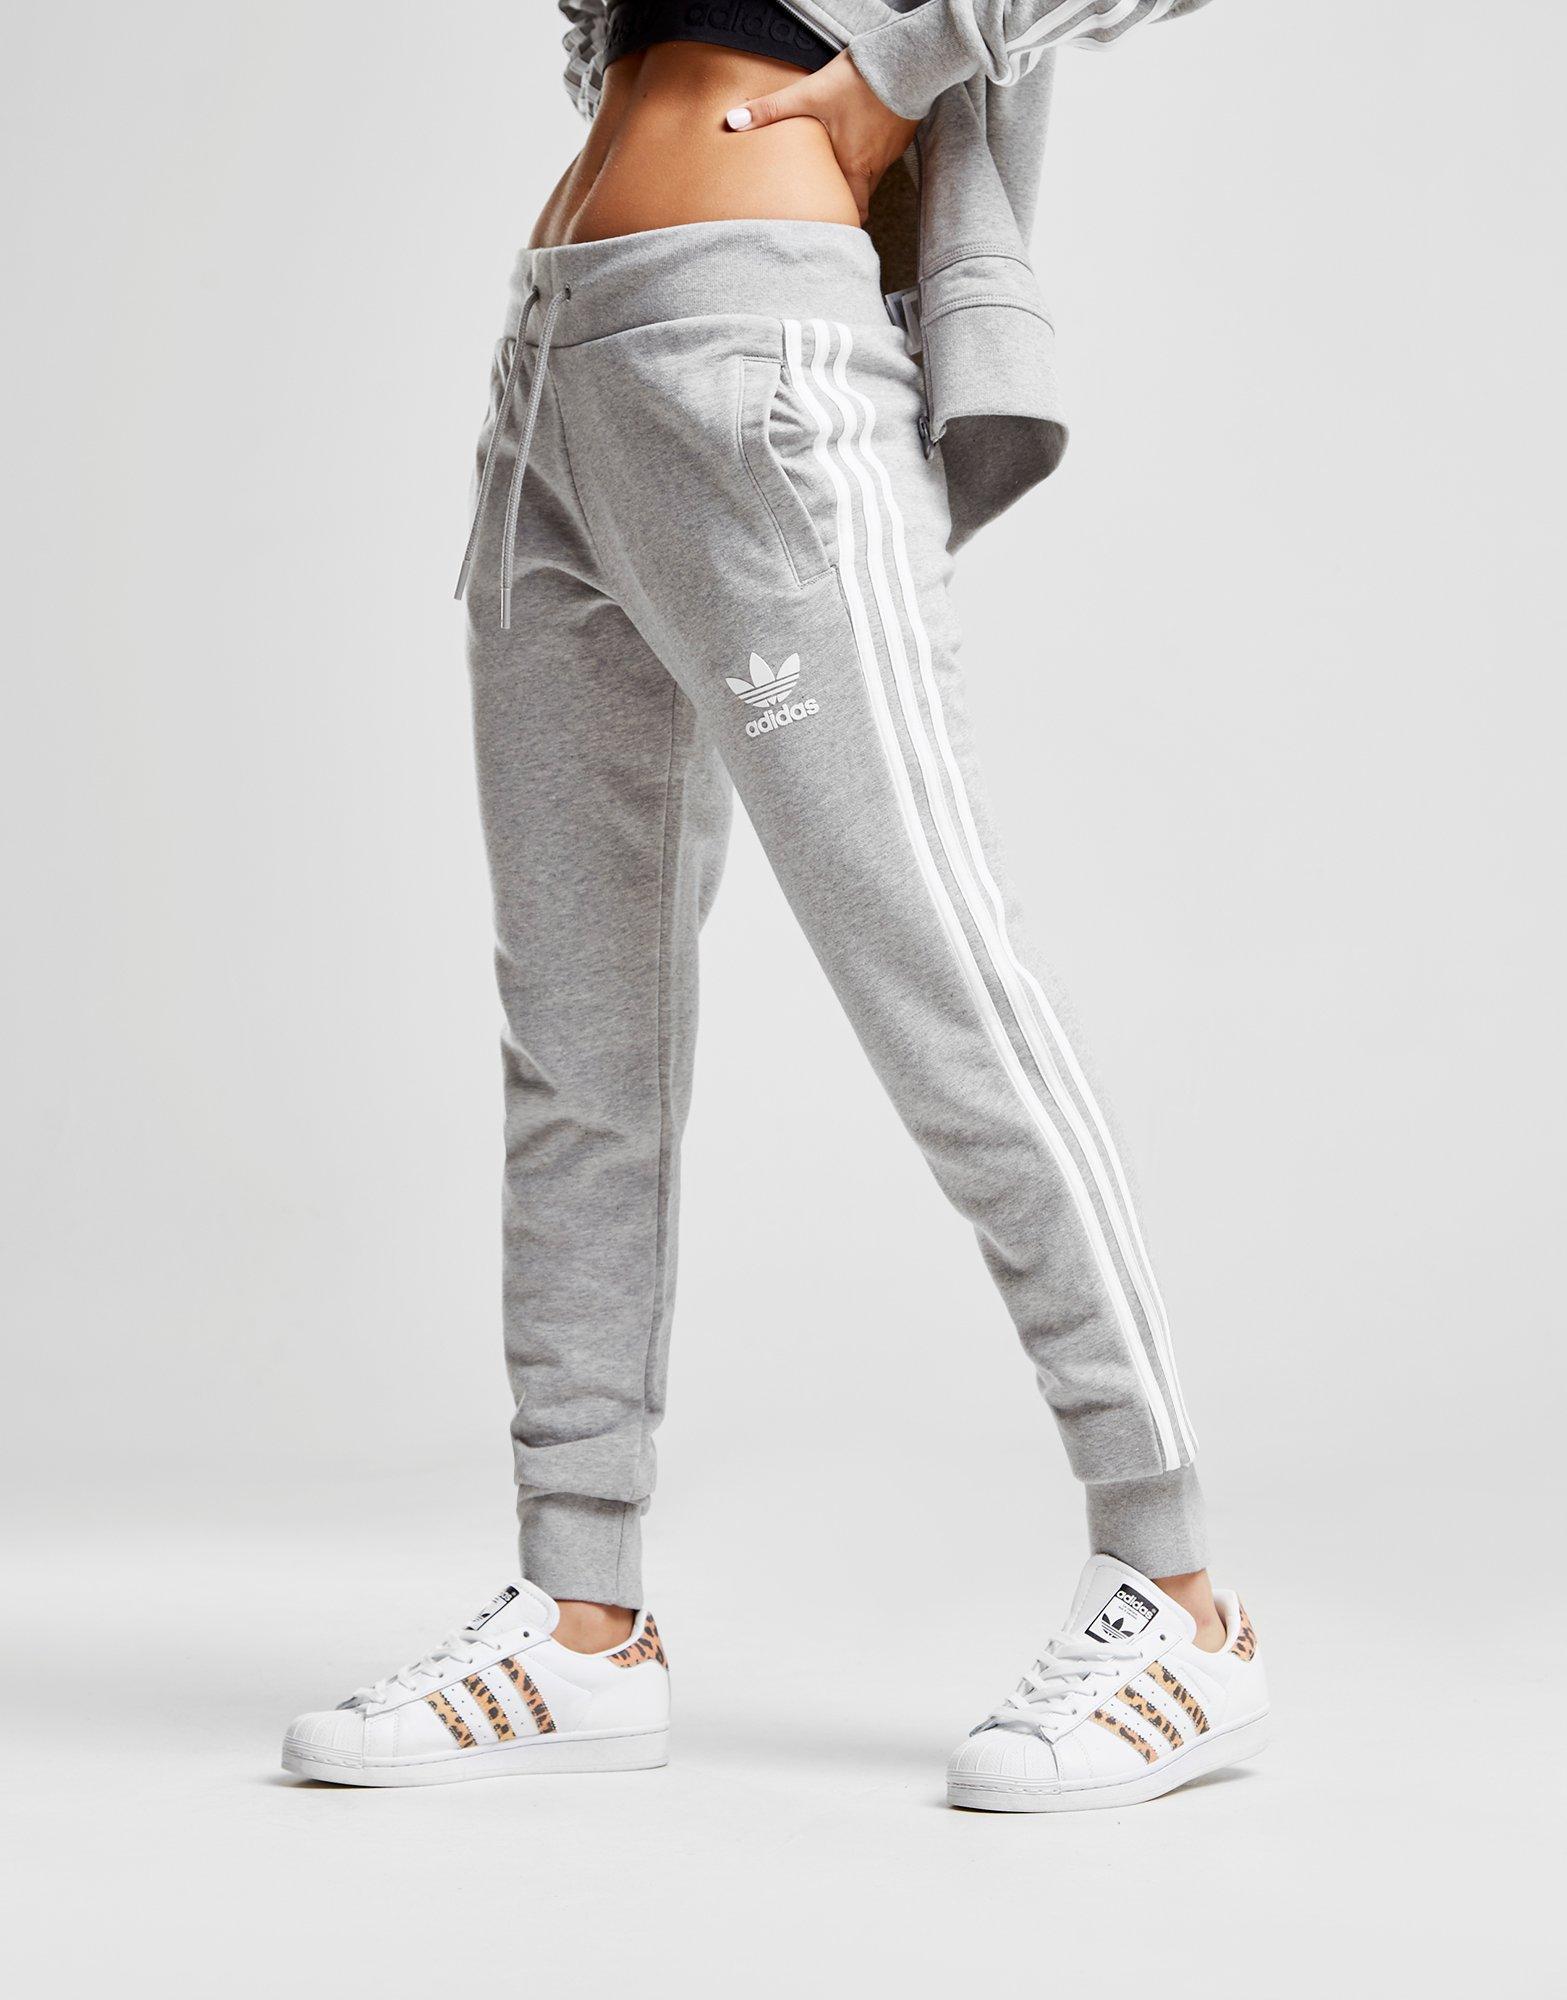 Adidas jacke damen jd